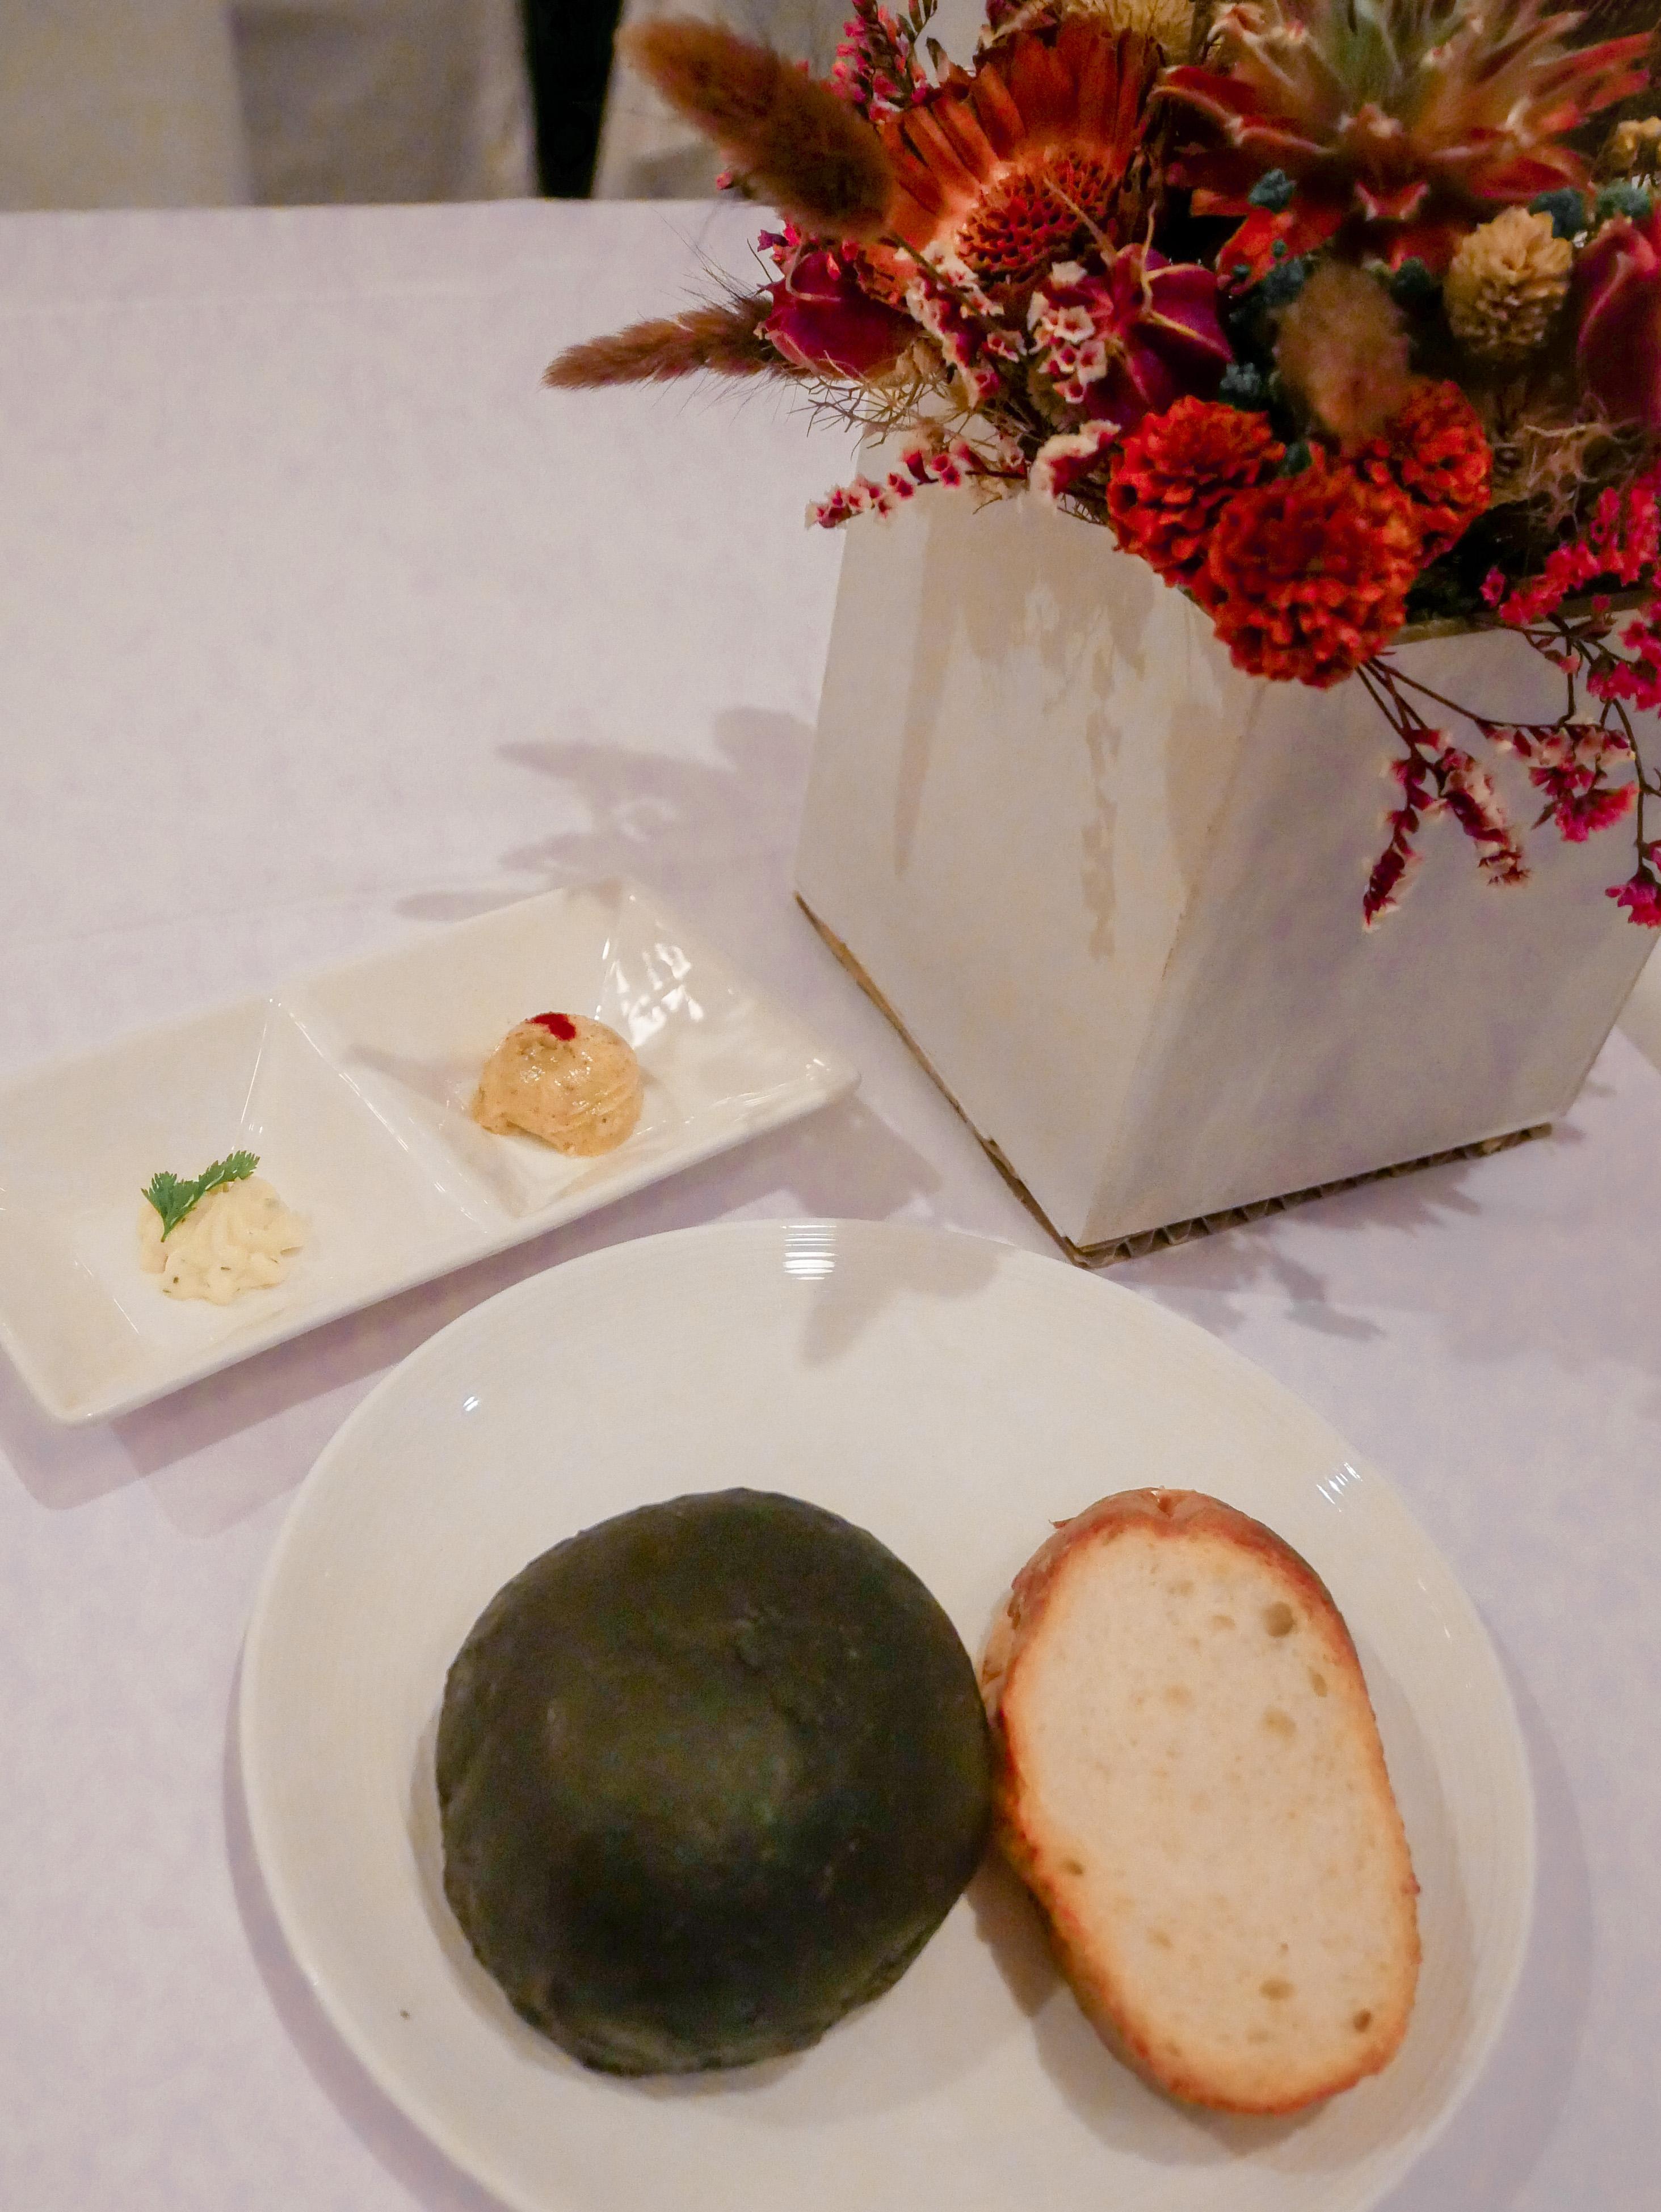 台北私廚推薦|香頌私宅洋樓|午間享用浪漫歐風無菜單料理  手工法式麵包